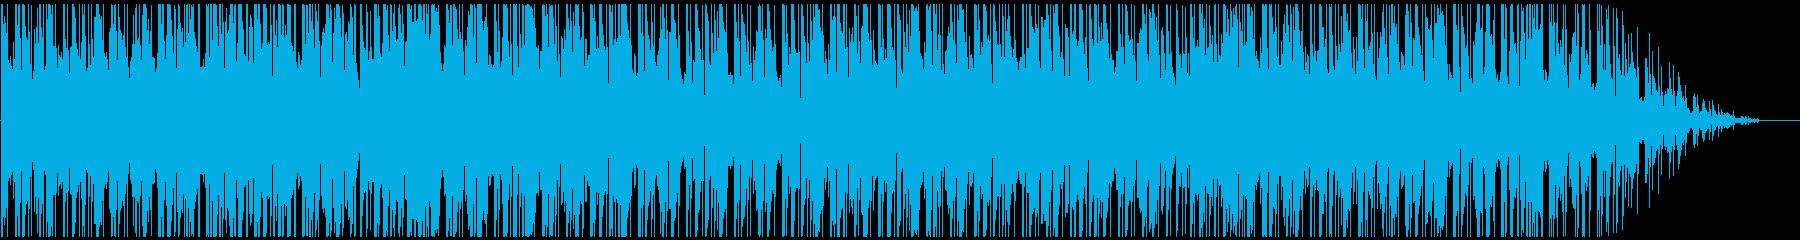 暖かく透明感のあるチルアウトHIPHOPの再生済みの波形